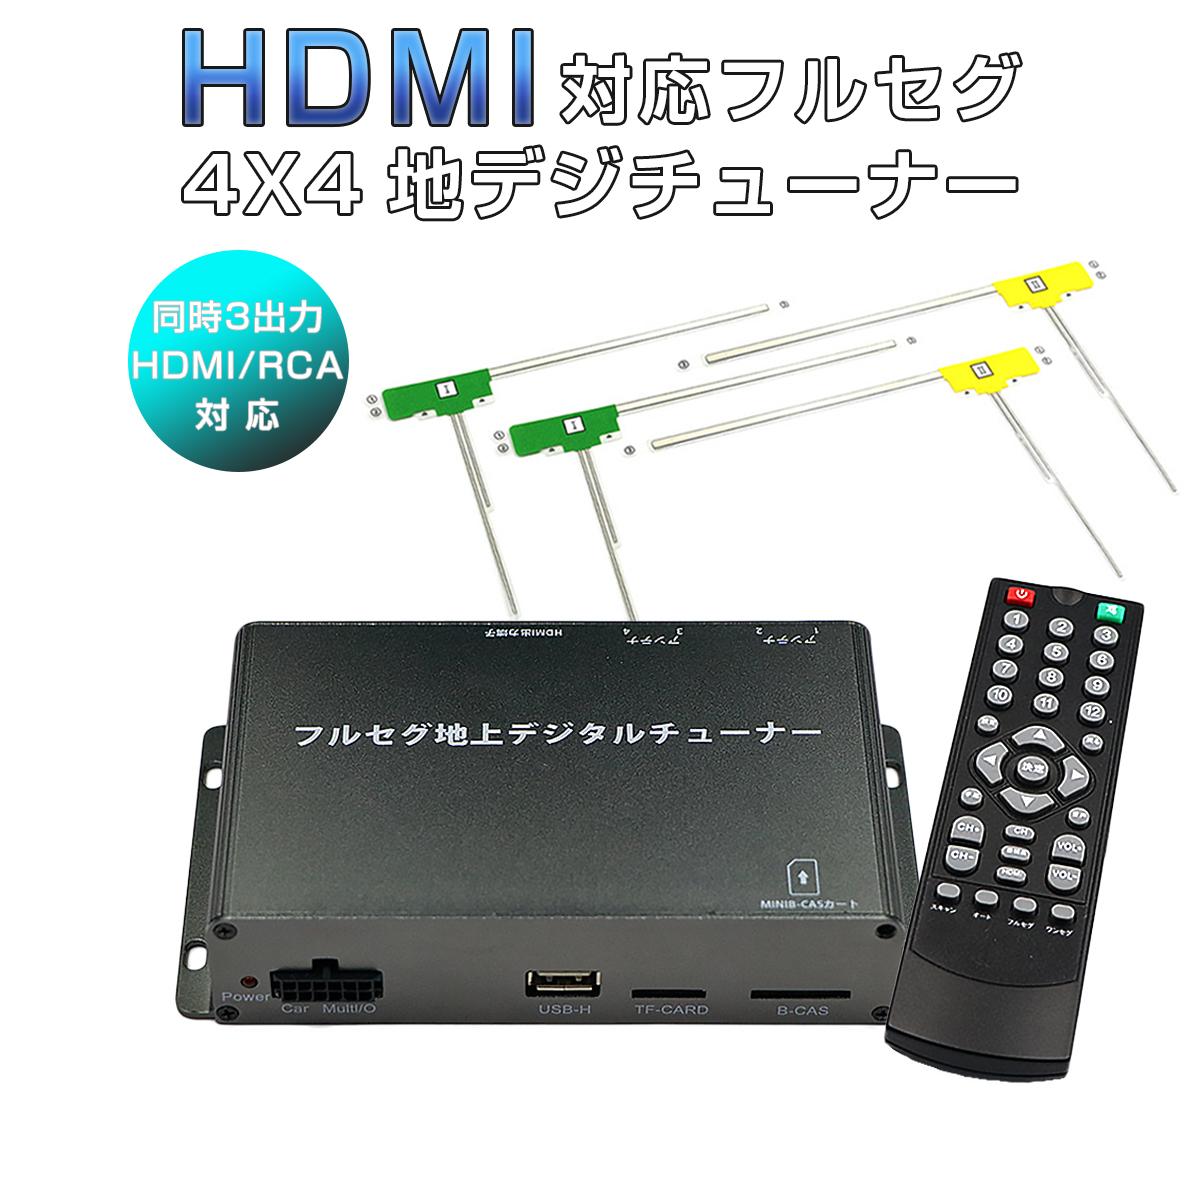 高画質フルHD 地デジチューナー フルセグチューナー HDMI 4x4 高性能4×4 4チューナー 4アンテナ フルセグ ワンセグ 自動切換 150km/hまで受信 3画面出力 古い車載TVやカーナビにも使える 12V/24V対応 フィルムアンテナ付き miniB-CASカード付き 宅配便送料無料 1年保証 K&M